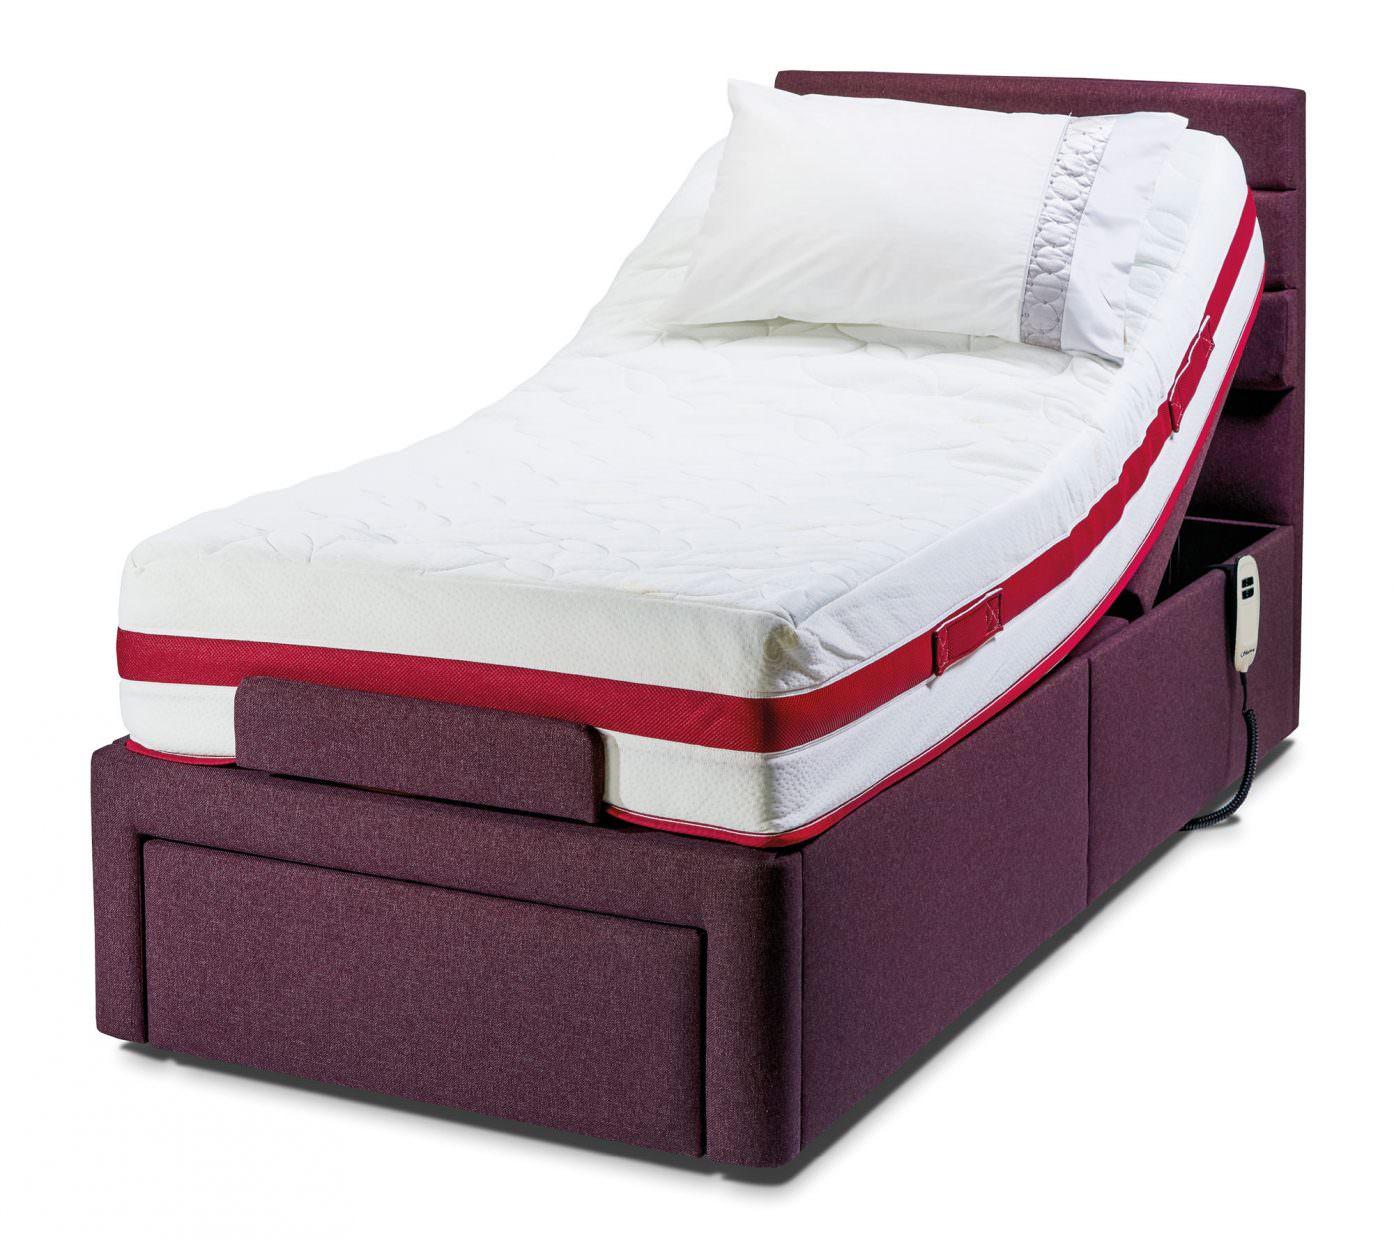 3 Sherborne Dorchester Electric Adjustable Bed